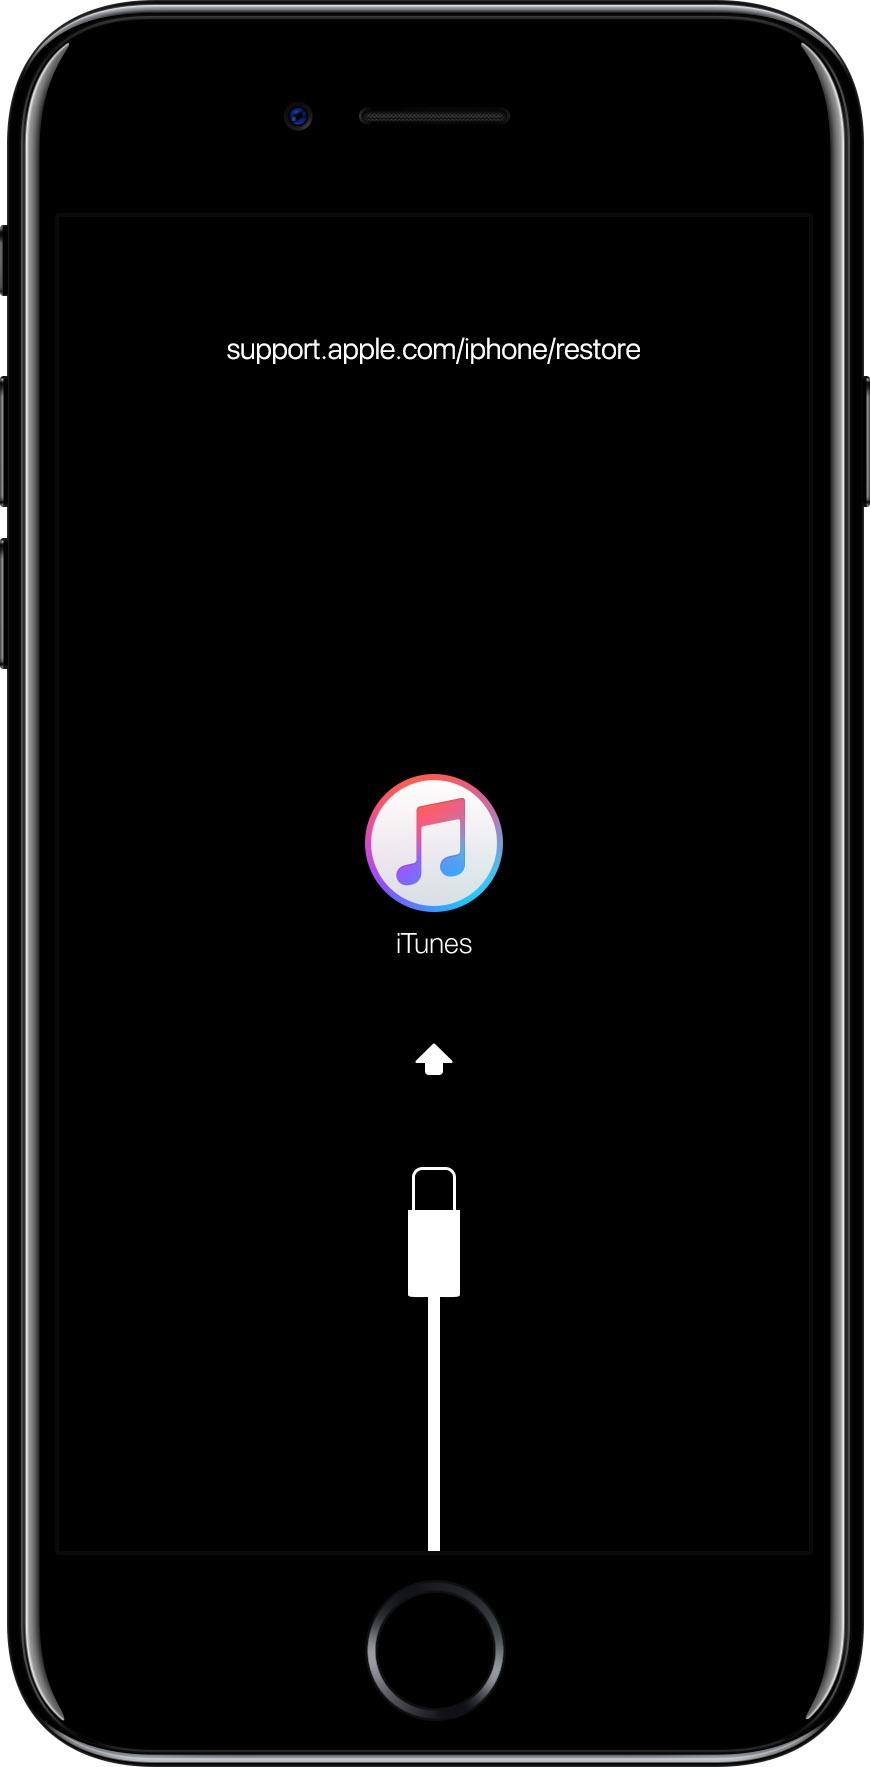 iPhoneをケーブルでパソコンに接続し「リカバリーモード」にすると、このような画面になる。リカバリーモードに移行する方法は機種ごとに違う (写真:伊藤朝輝)